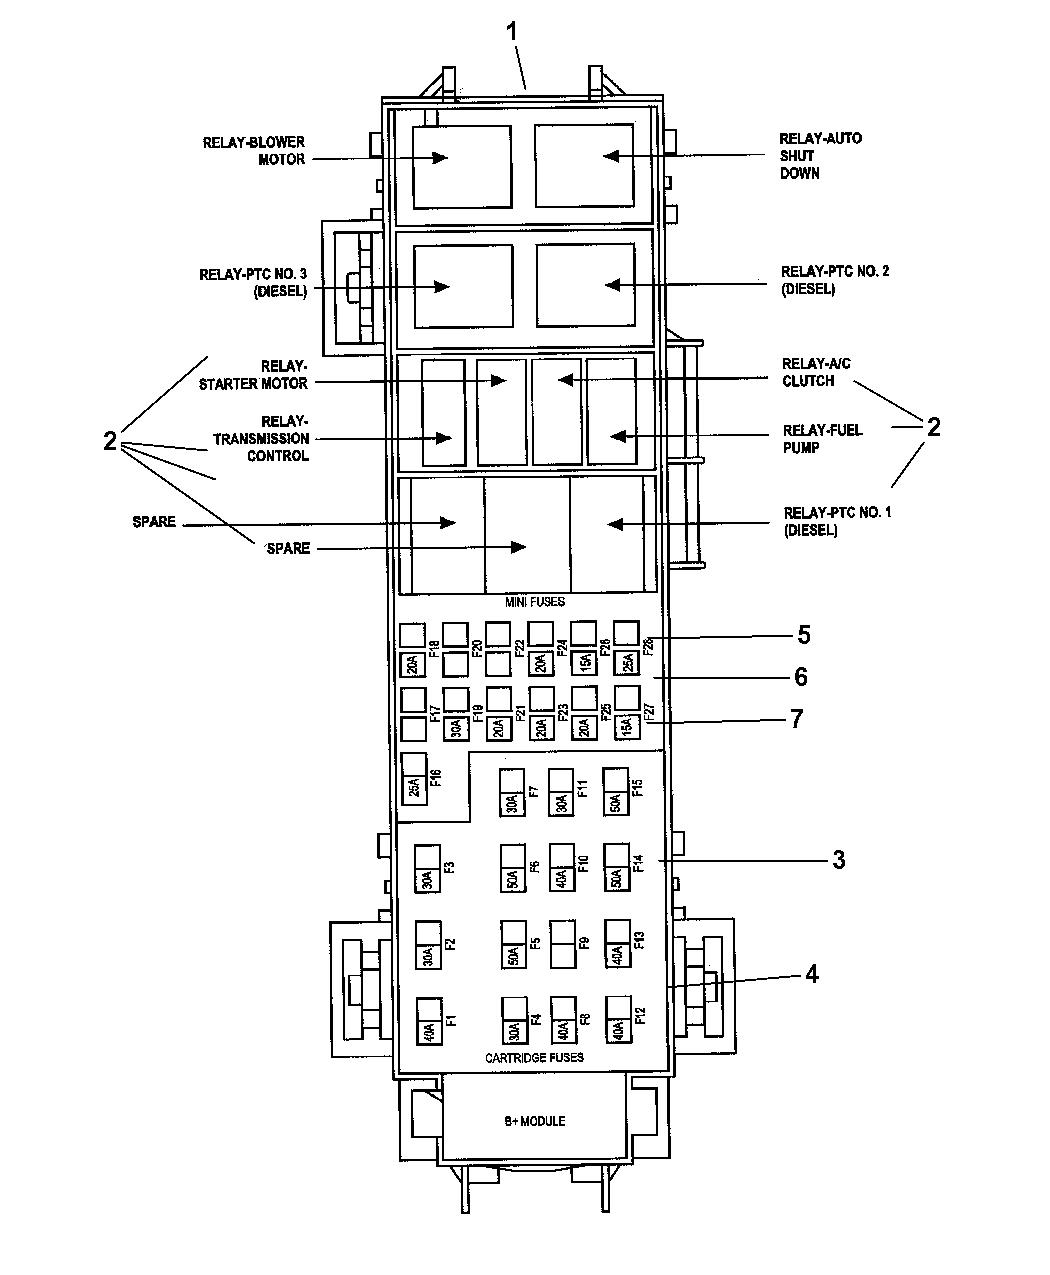 2006 Jeep Commander Fuse Diagram